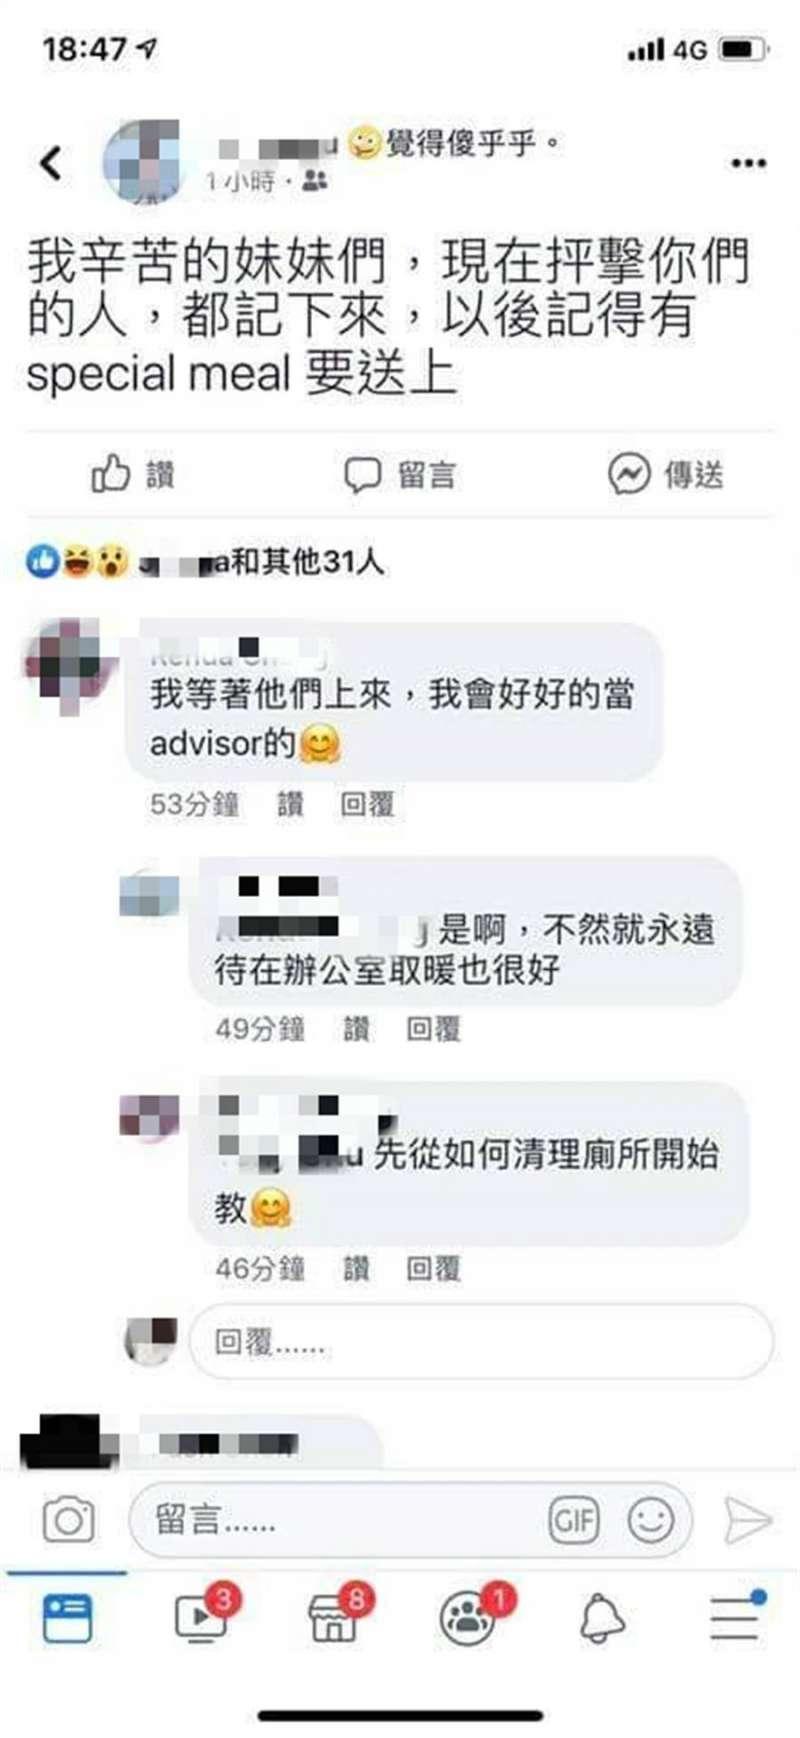 20190709-長榮一名機師於空服員罷工期間在個人臉書上貼文聲援,卻引起軒然大波。(截圖自PTT)